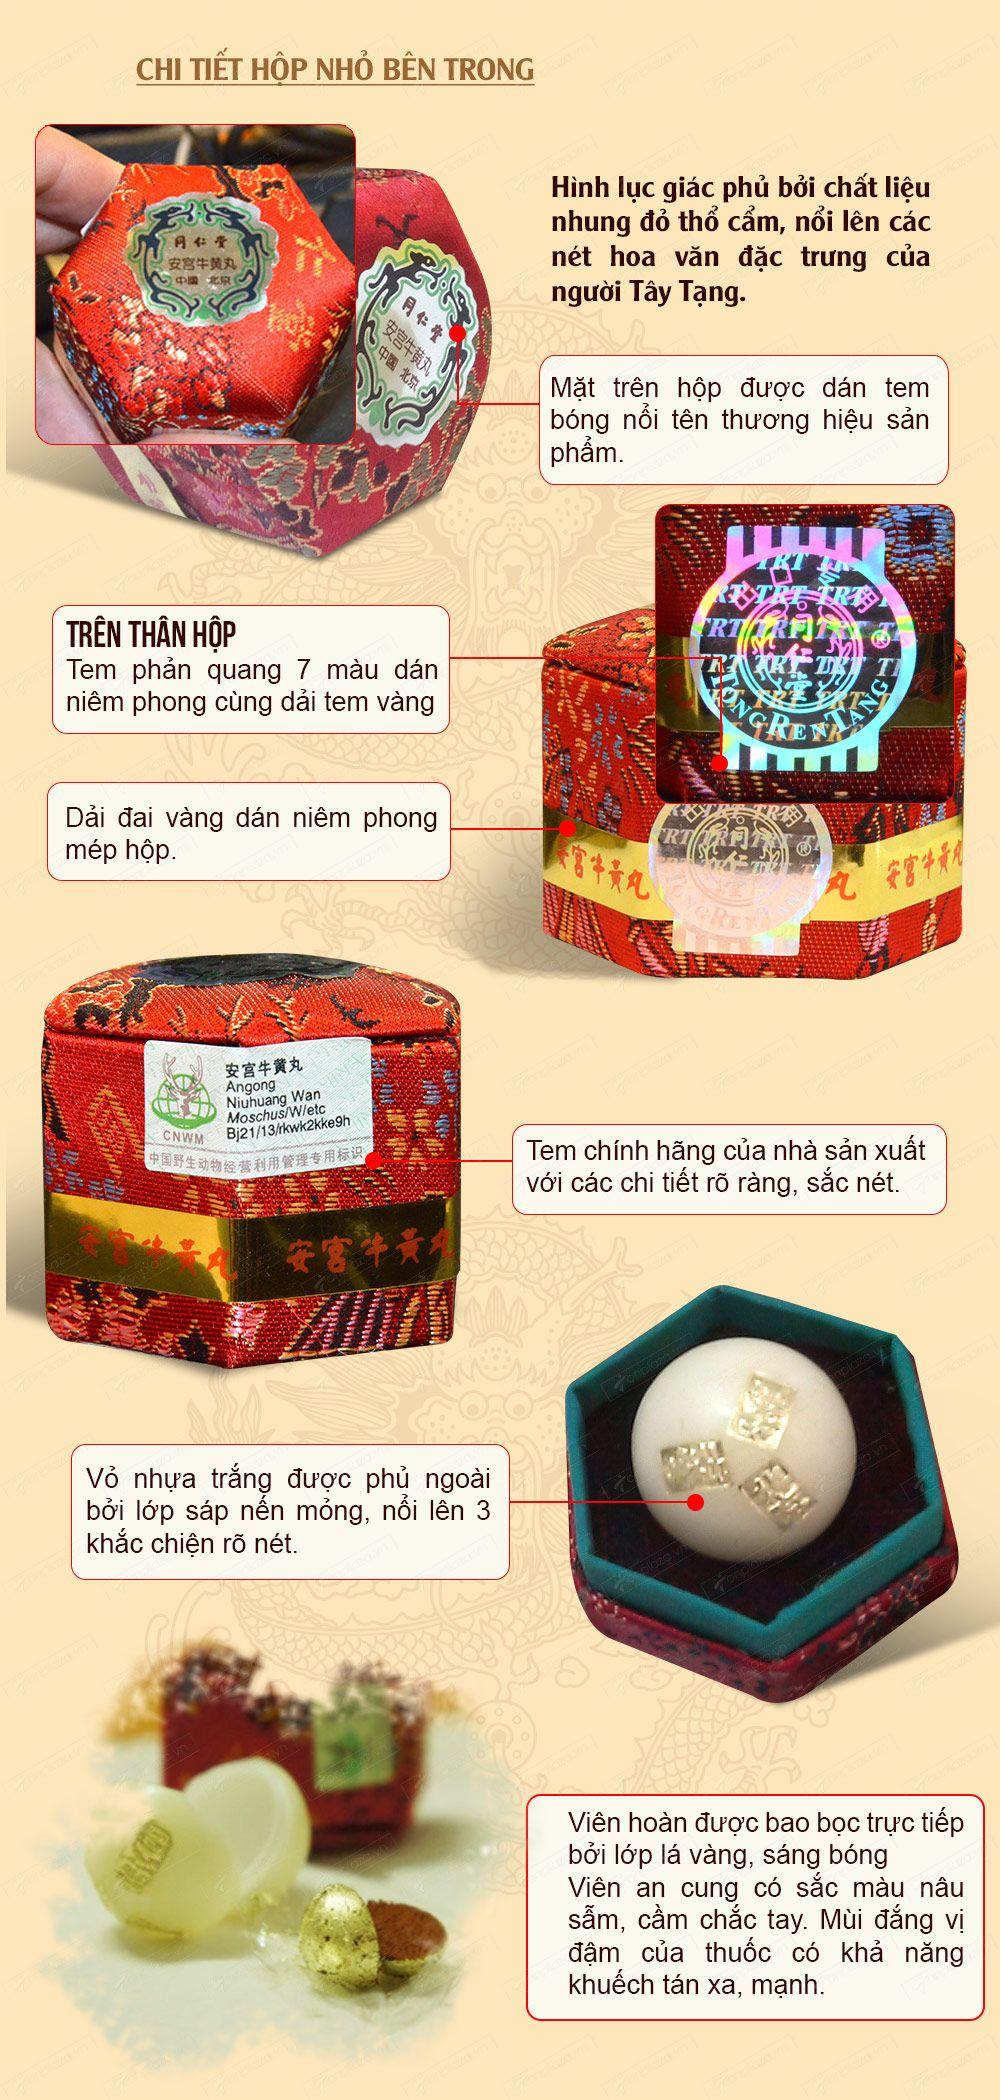 Bộ sản phẩm tai biến Việt Pháp số 1 4